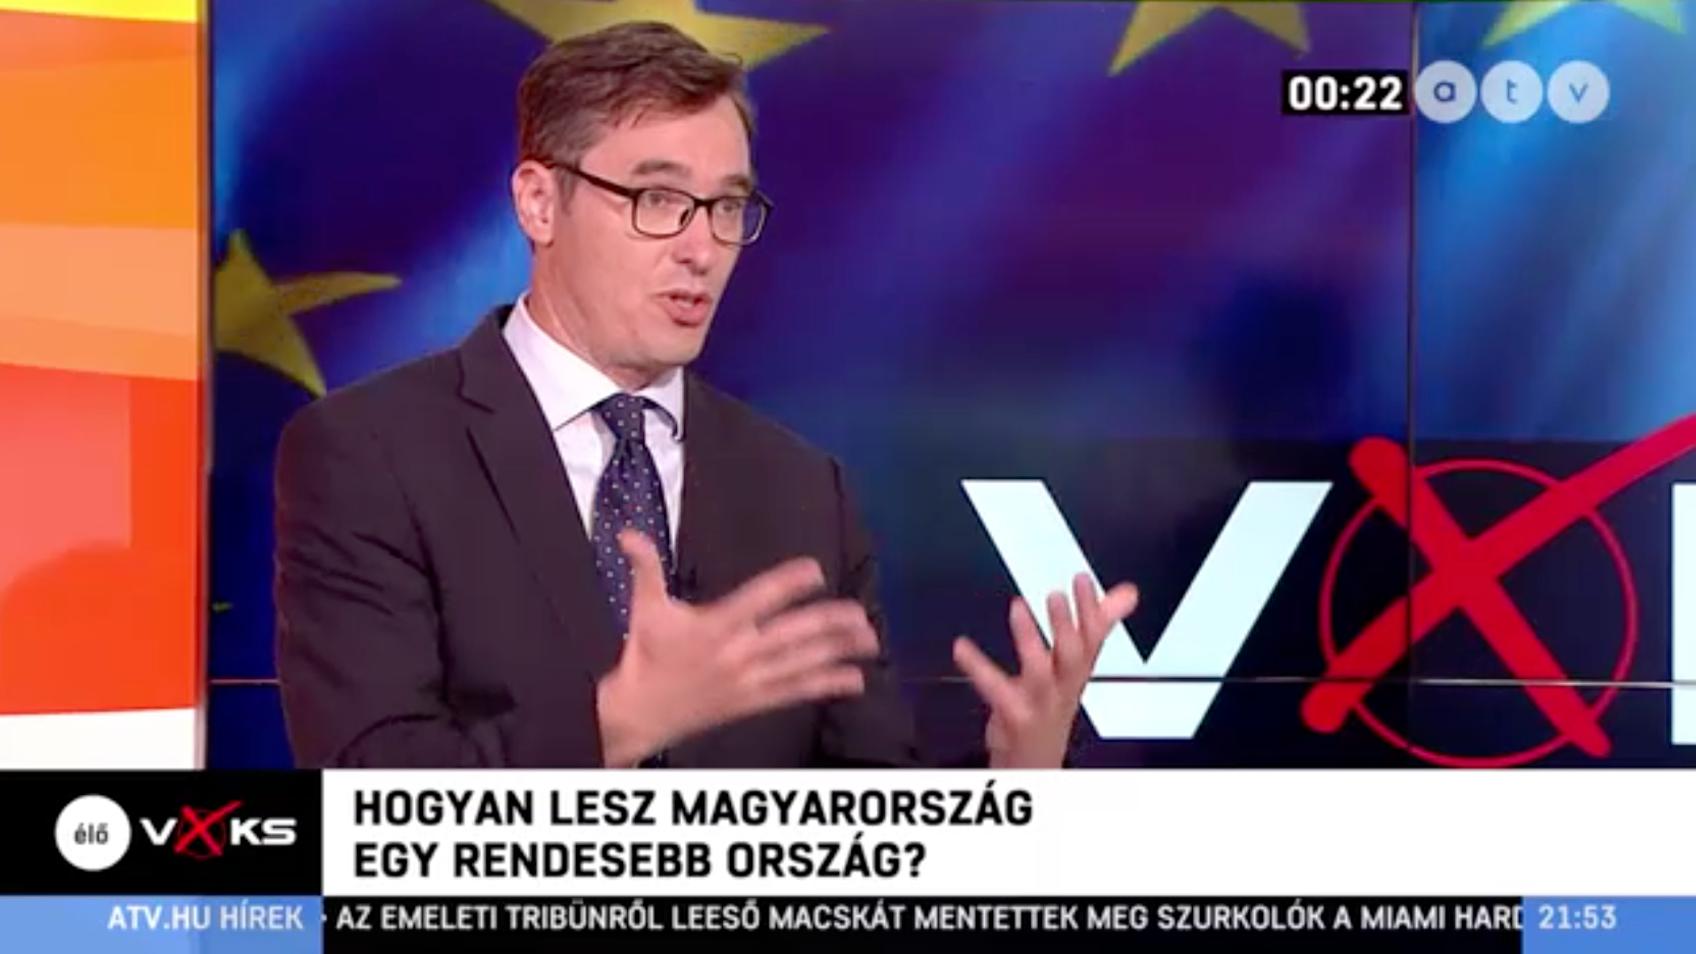 Miniszterelnök-jelölti vita Dobrev Klára Karácsony Gegely Jakab Péter